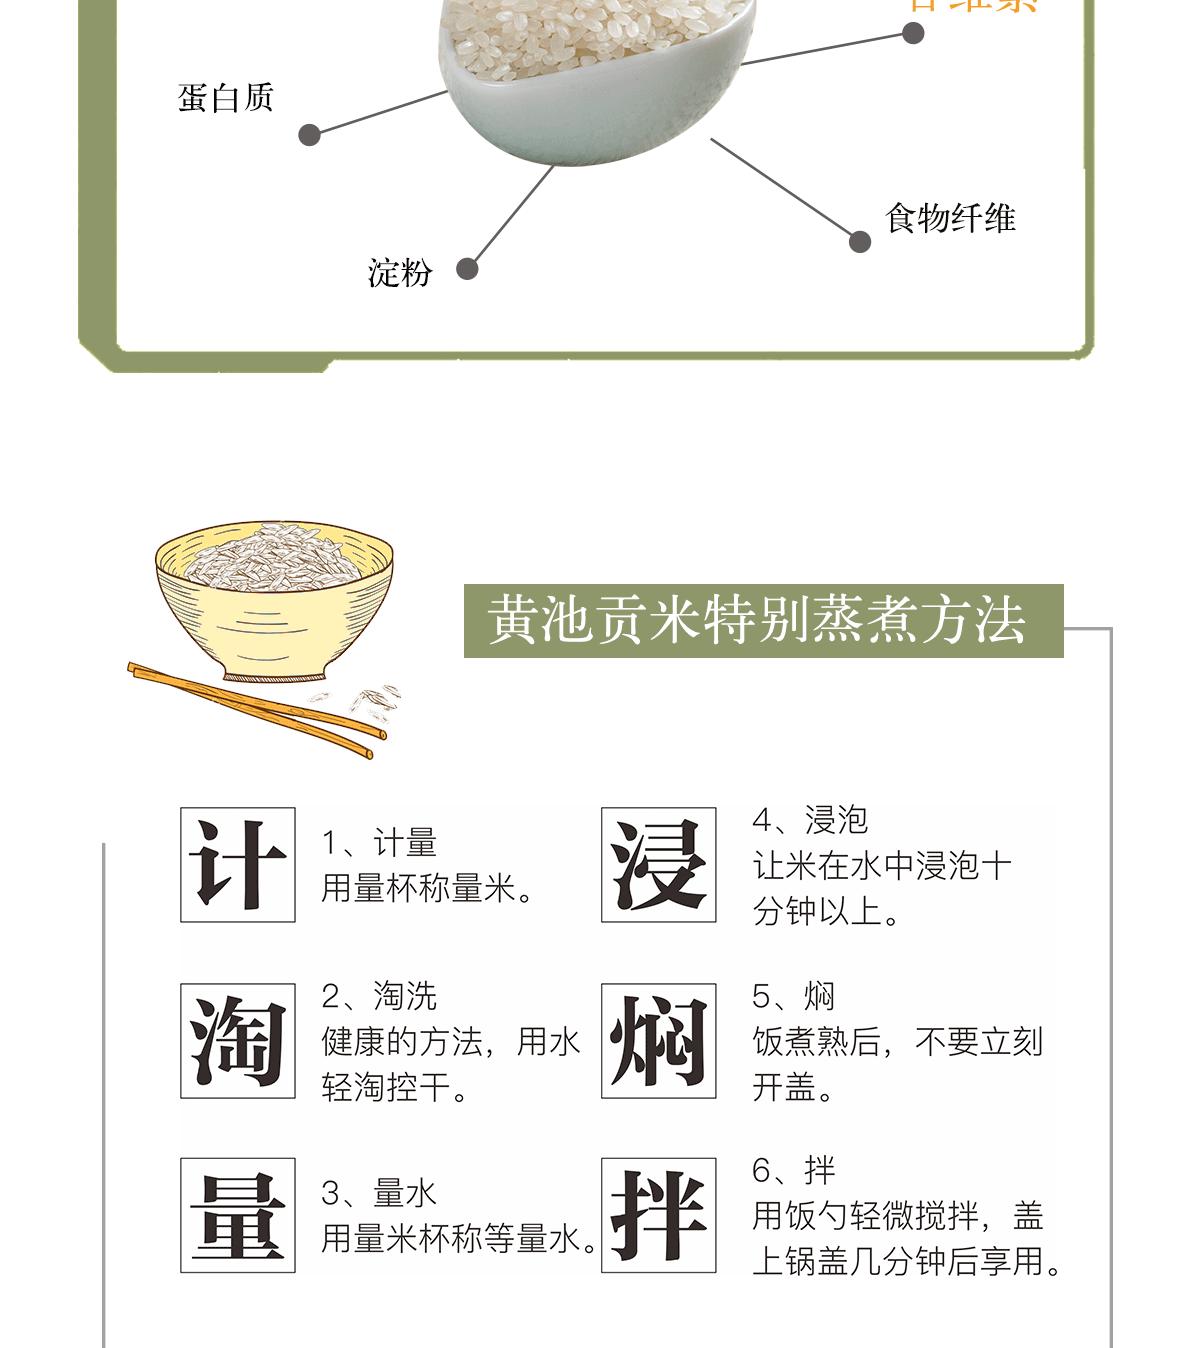 香稻贡米_06.png